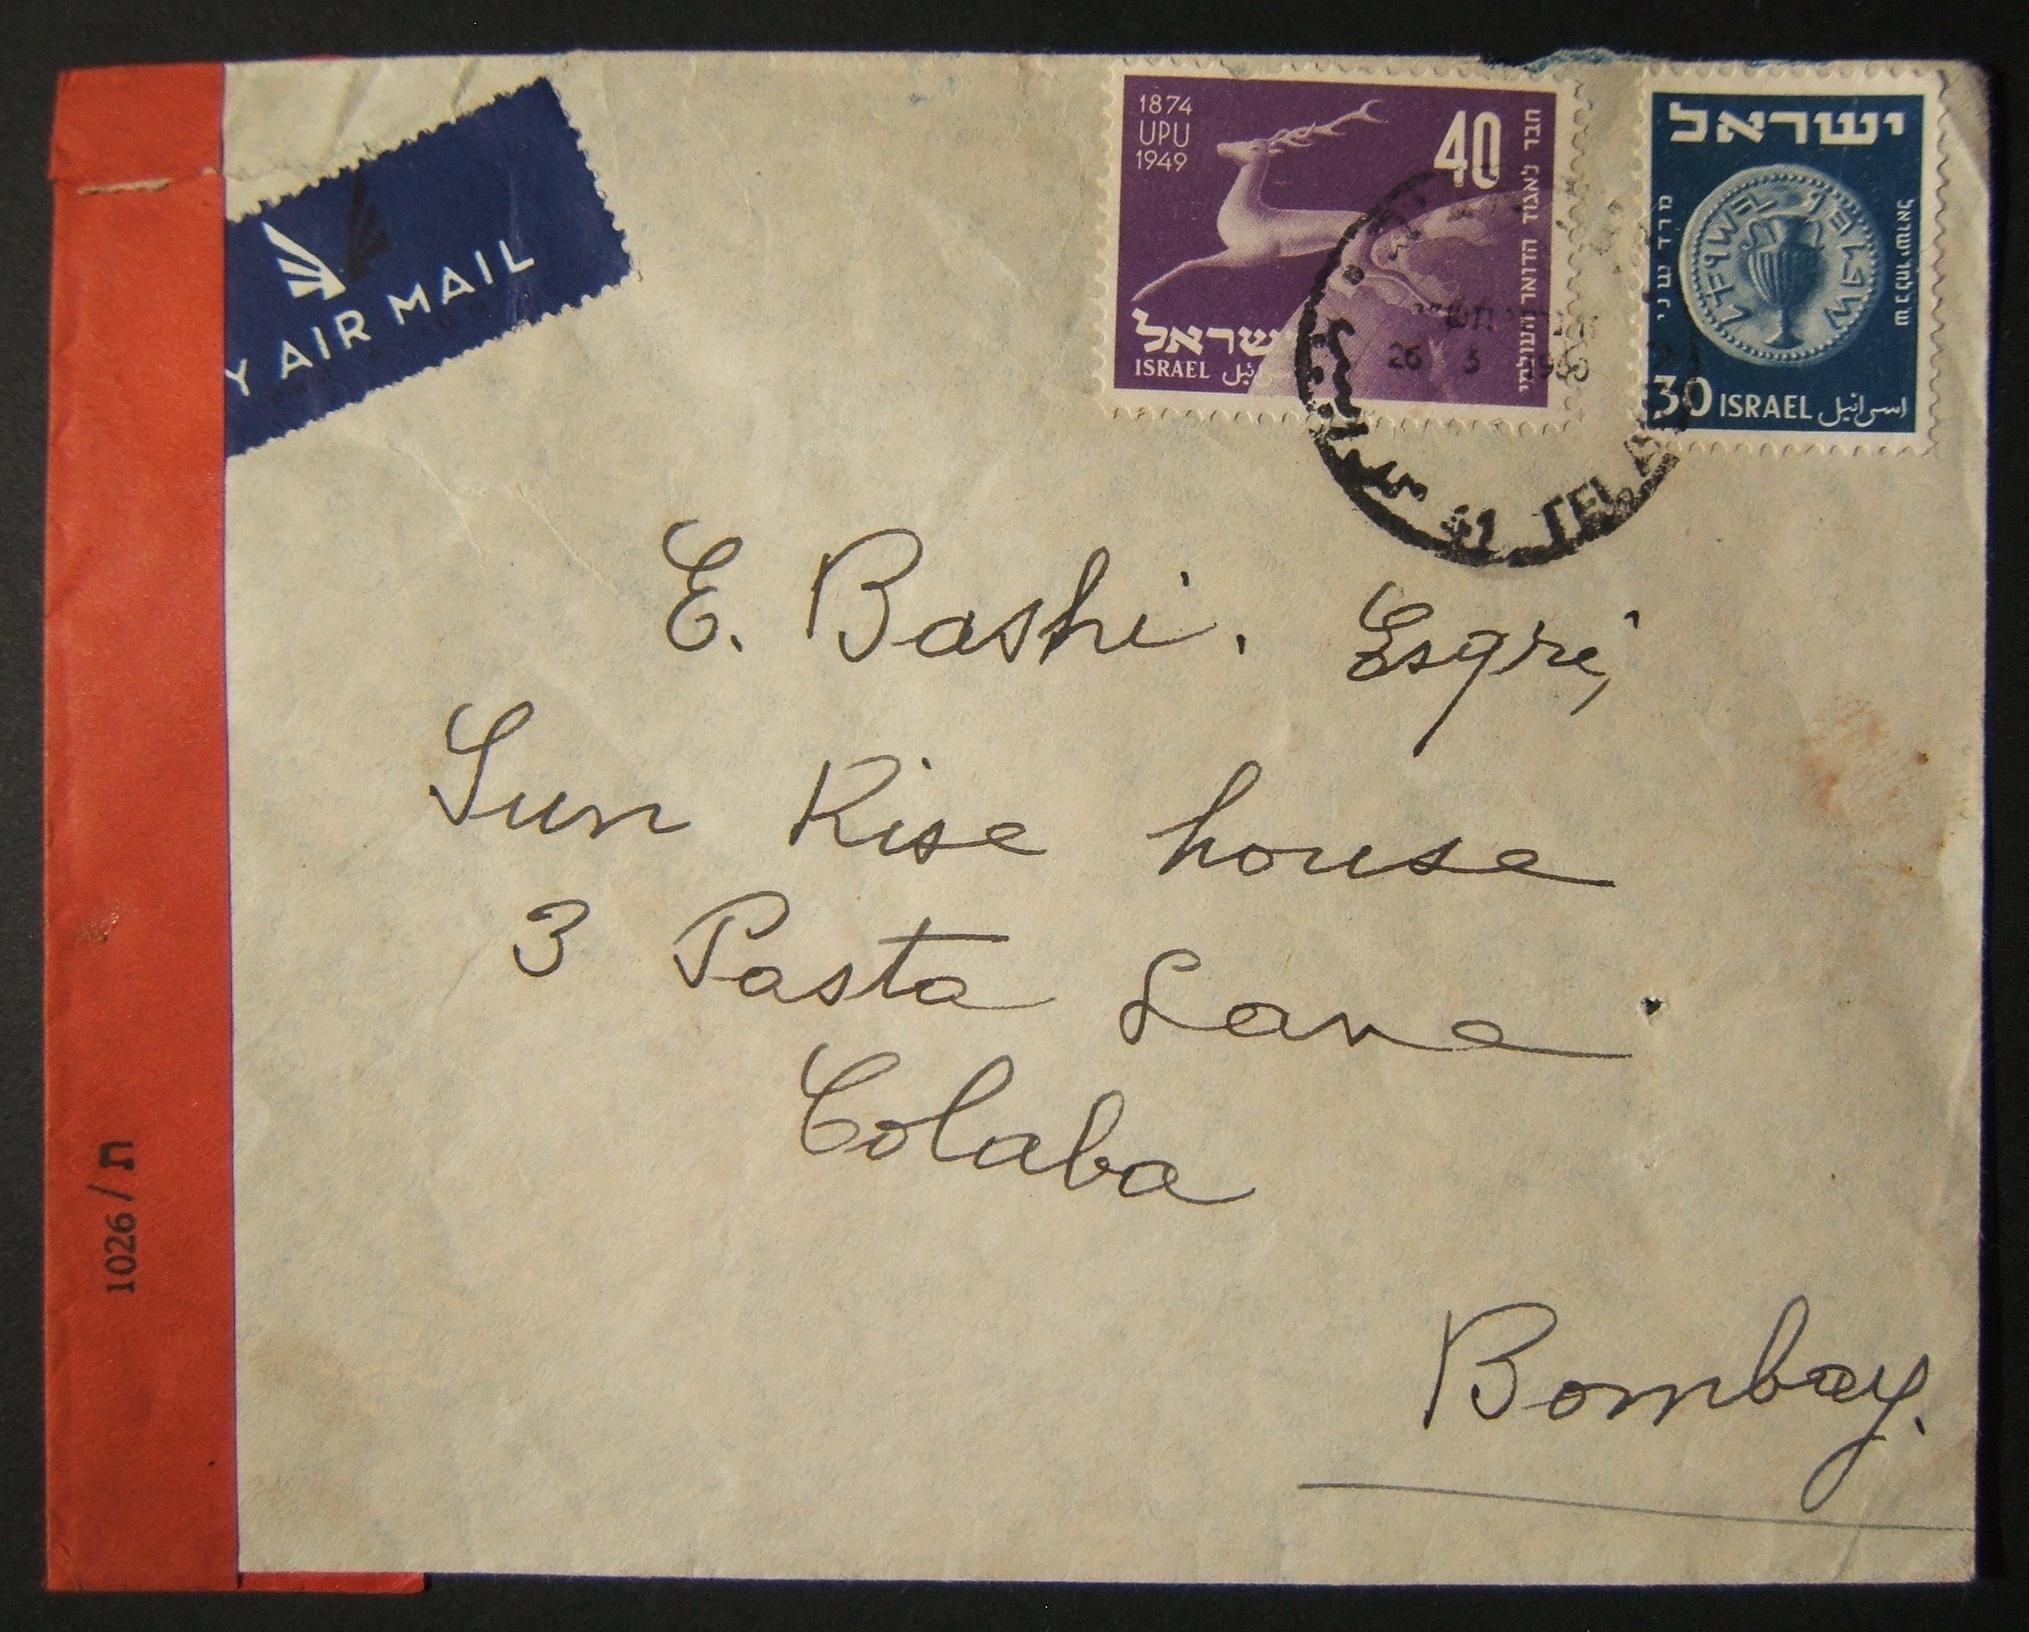 26-3-1950 יום ראשון לכסות את האימייל כדי להשתמש בהודו באמצעות חותמת 40Pr UPU ביום הראשון של השימוש